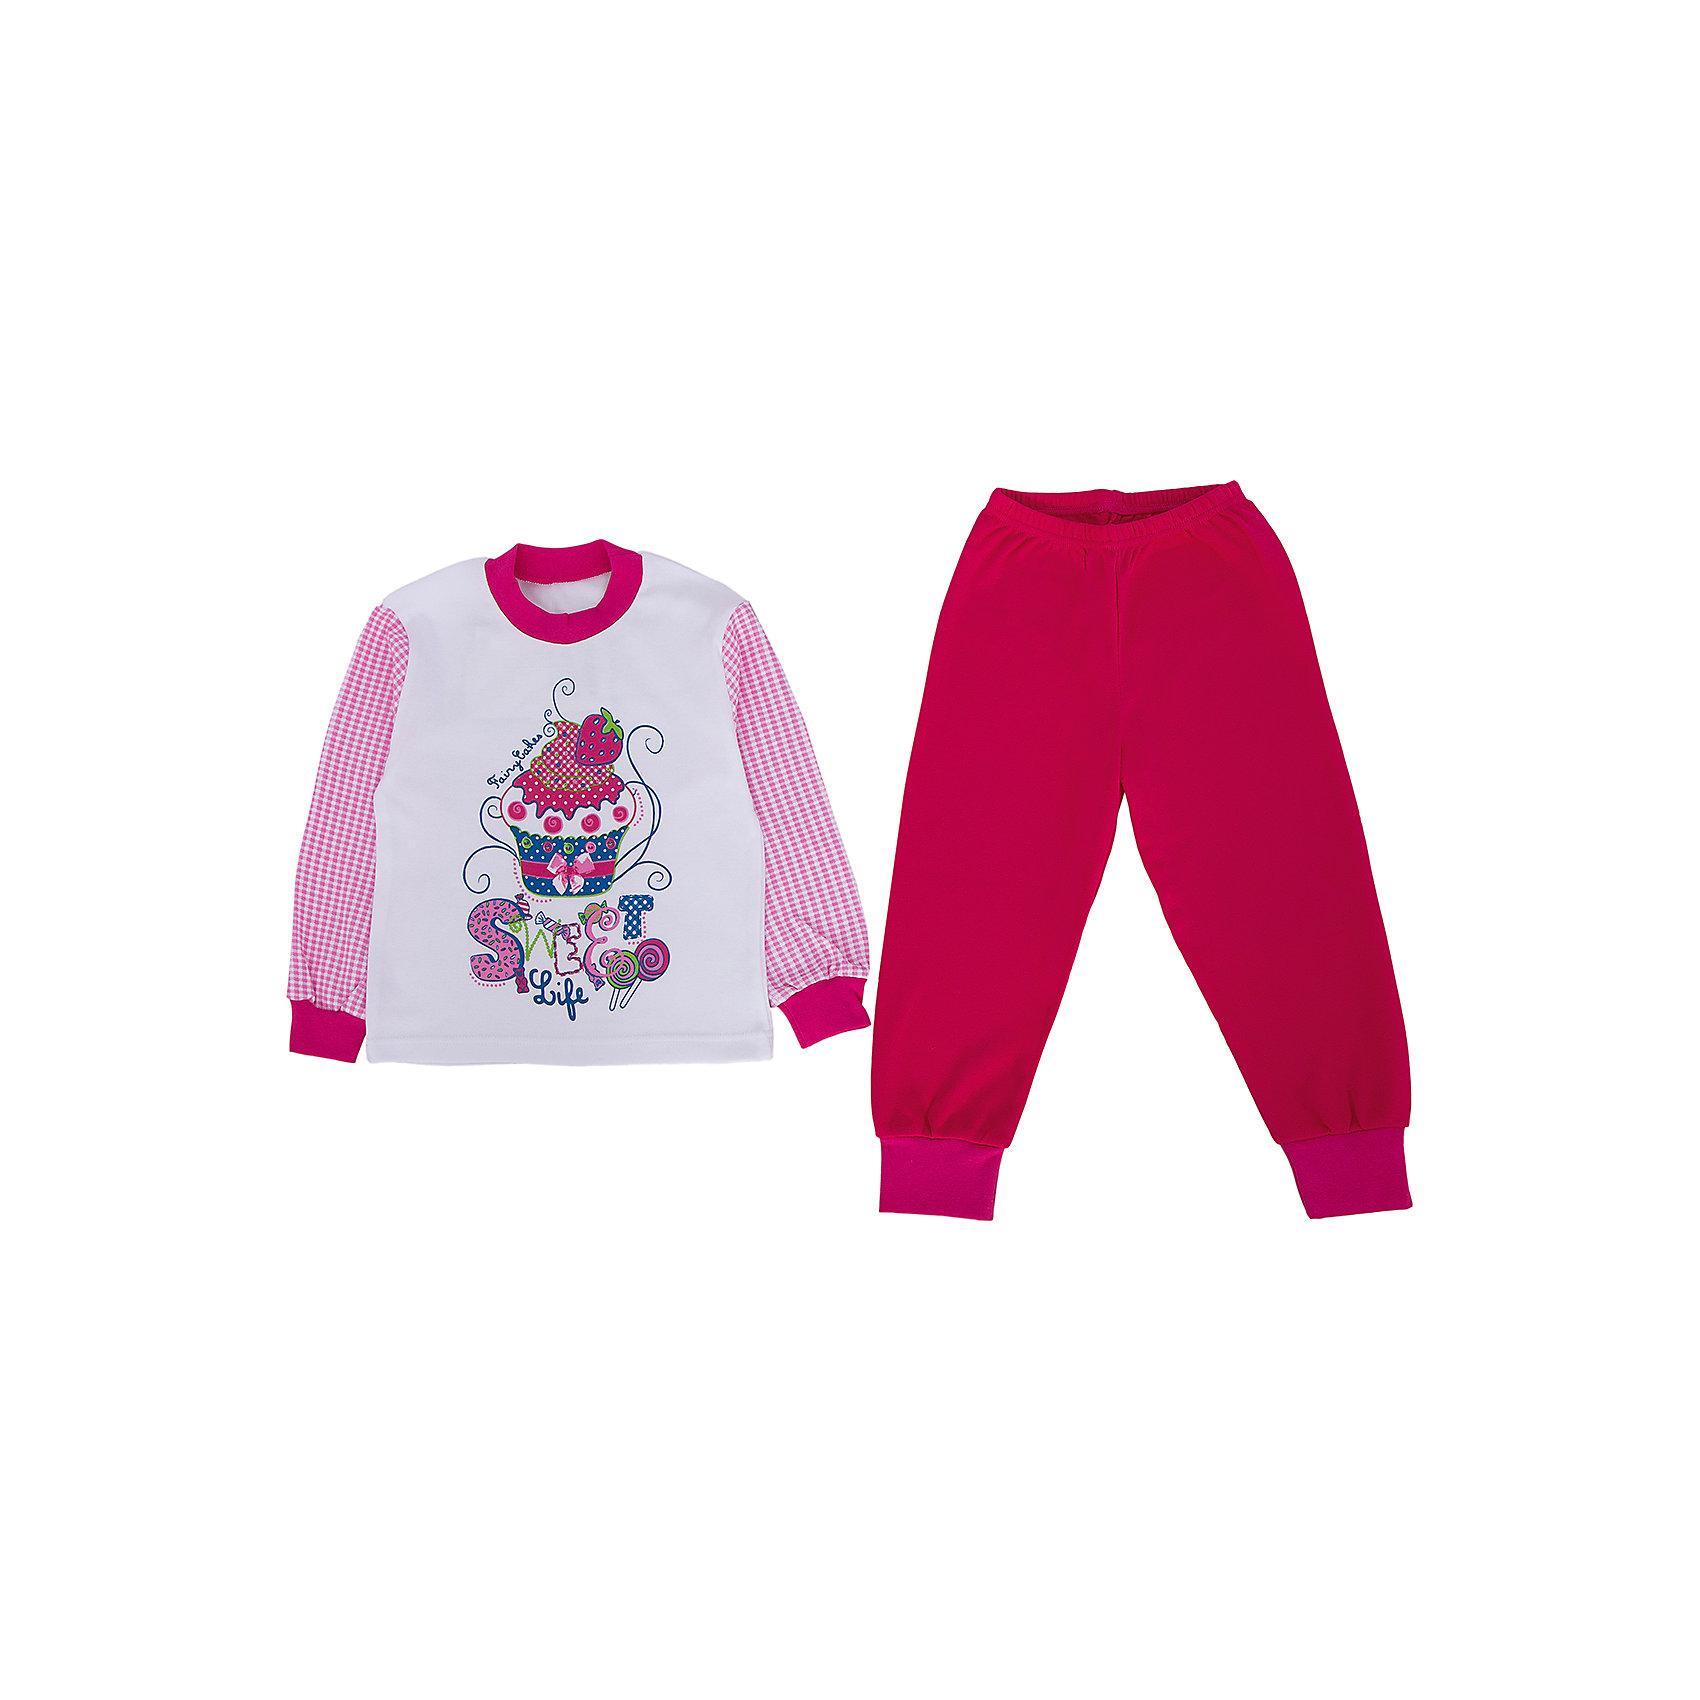 Пижама для девочки АпрельПижама  от известного бренда Апрель<br>Замечательный домашний комплект, состоящий из джемпера и брючек. Приятный на ощупь, не сковывает движения, обеспечивая полный комфорт. Джемпер с длинными рукавами на манжете, декорирован милым дизайнерским принтом. Брючки имеют эластичный пояс, по низу манжеты. Прекрасный вариант для дома и сна!<br>Состав:<br>хлопок 100%<br><br>Ширина мм: 281<br>Глубина мм: 70<br>Высота мм: 188<br>Вес г: 295<br>Цвет: розовый<br>Возраст от месяцев: 18<br>Возраст до месяцев: 24<br>Пол: Женский<br>Возраст: Детский<br>Размер: 92,98,116,110,104<br>SKU: 4768303